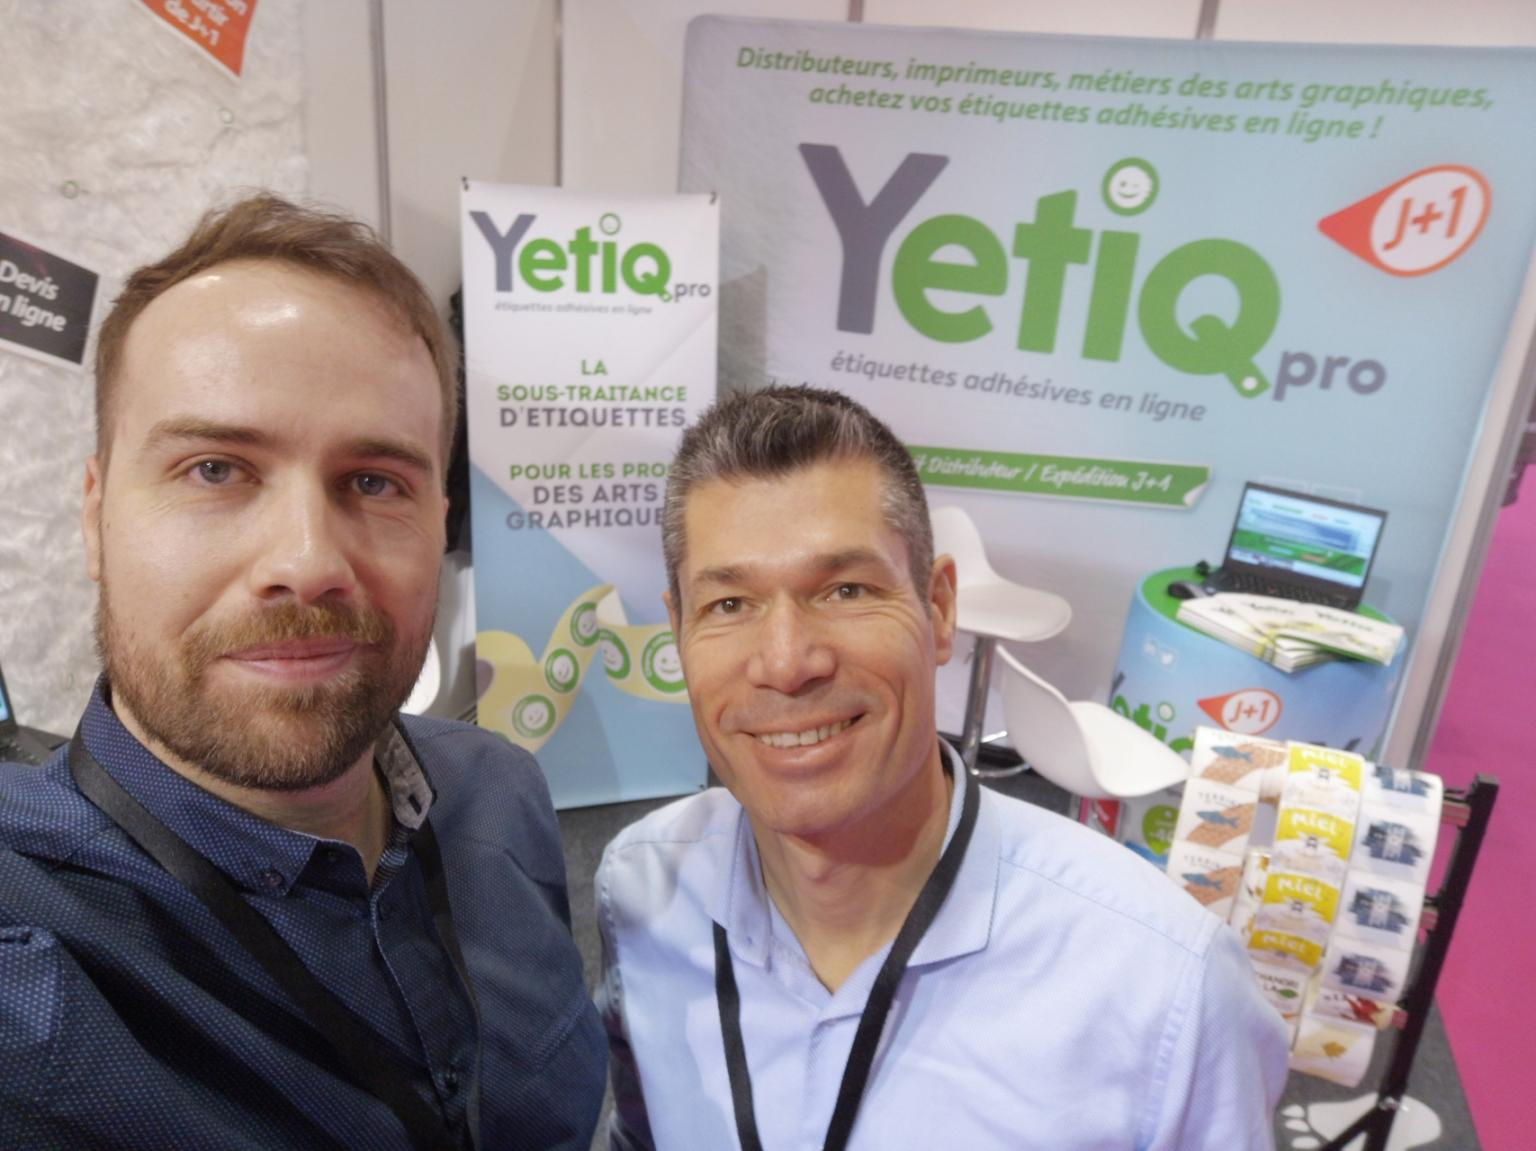 Arnaud et Cédric au C!Print 2020 pour présenter Yetiq.pro, solution d'impression d'étiquettes adhésives en rouleaux pour les professionnels des arts graphiques